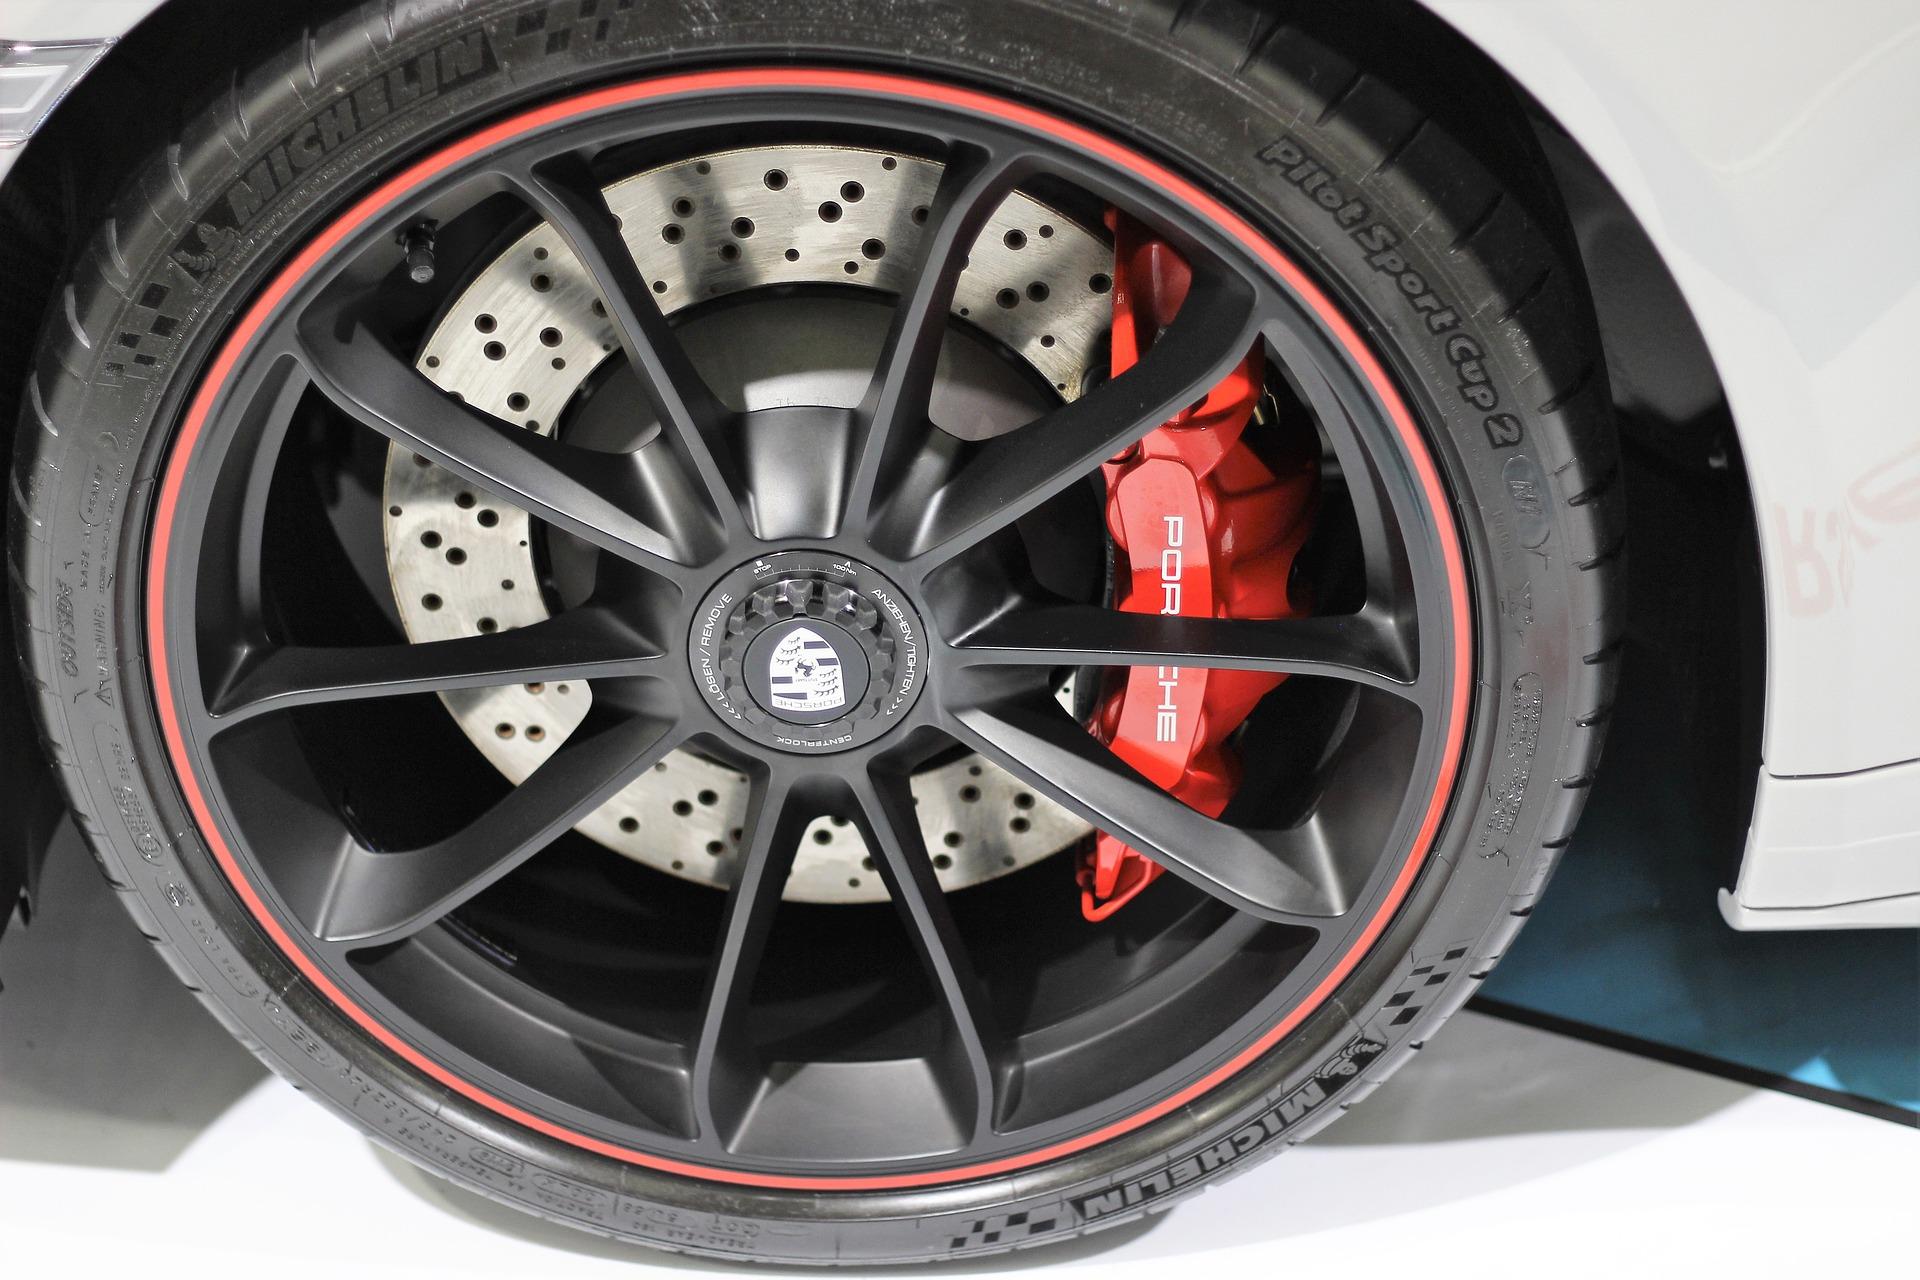 Las marcas de frenos más demandadas en el mercado - Frenos Bolca